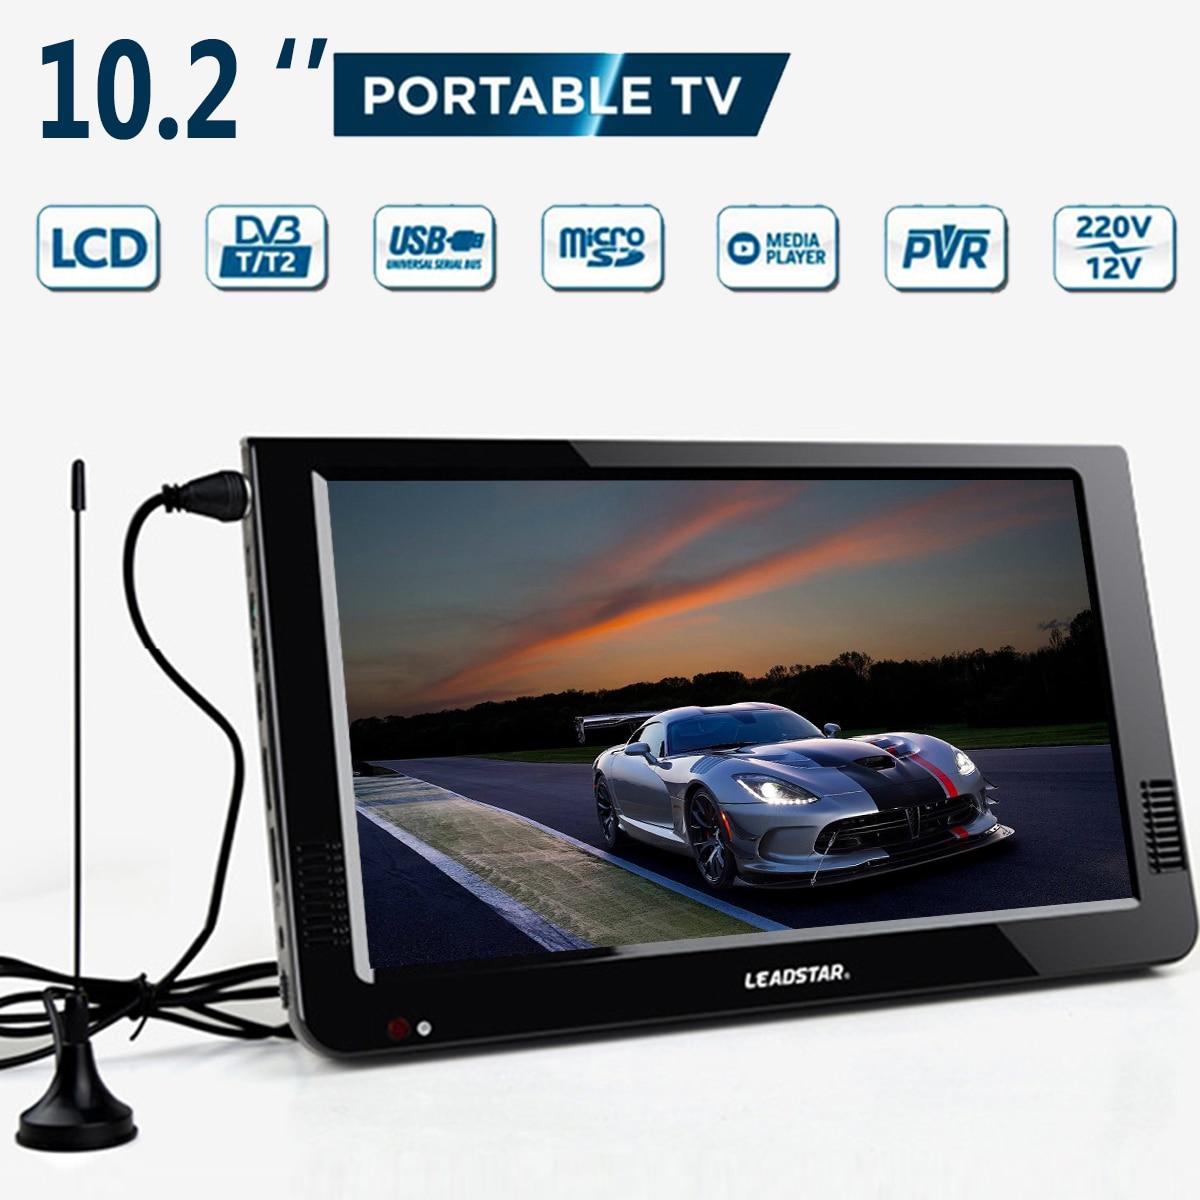 En plein air 10.2 pouce 12 v Portable Numérique Analogique Télévision DVB-T/DVB-T2 TFT LED HD TV Soutien TF Carte USB audio De Voiture Télévision